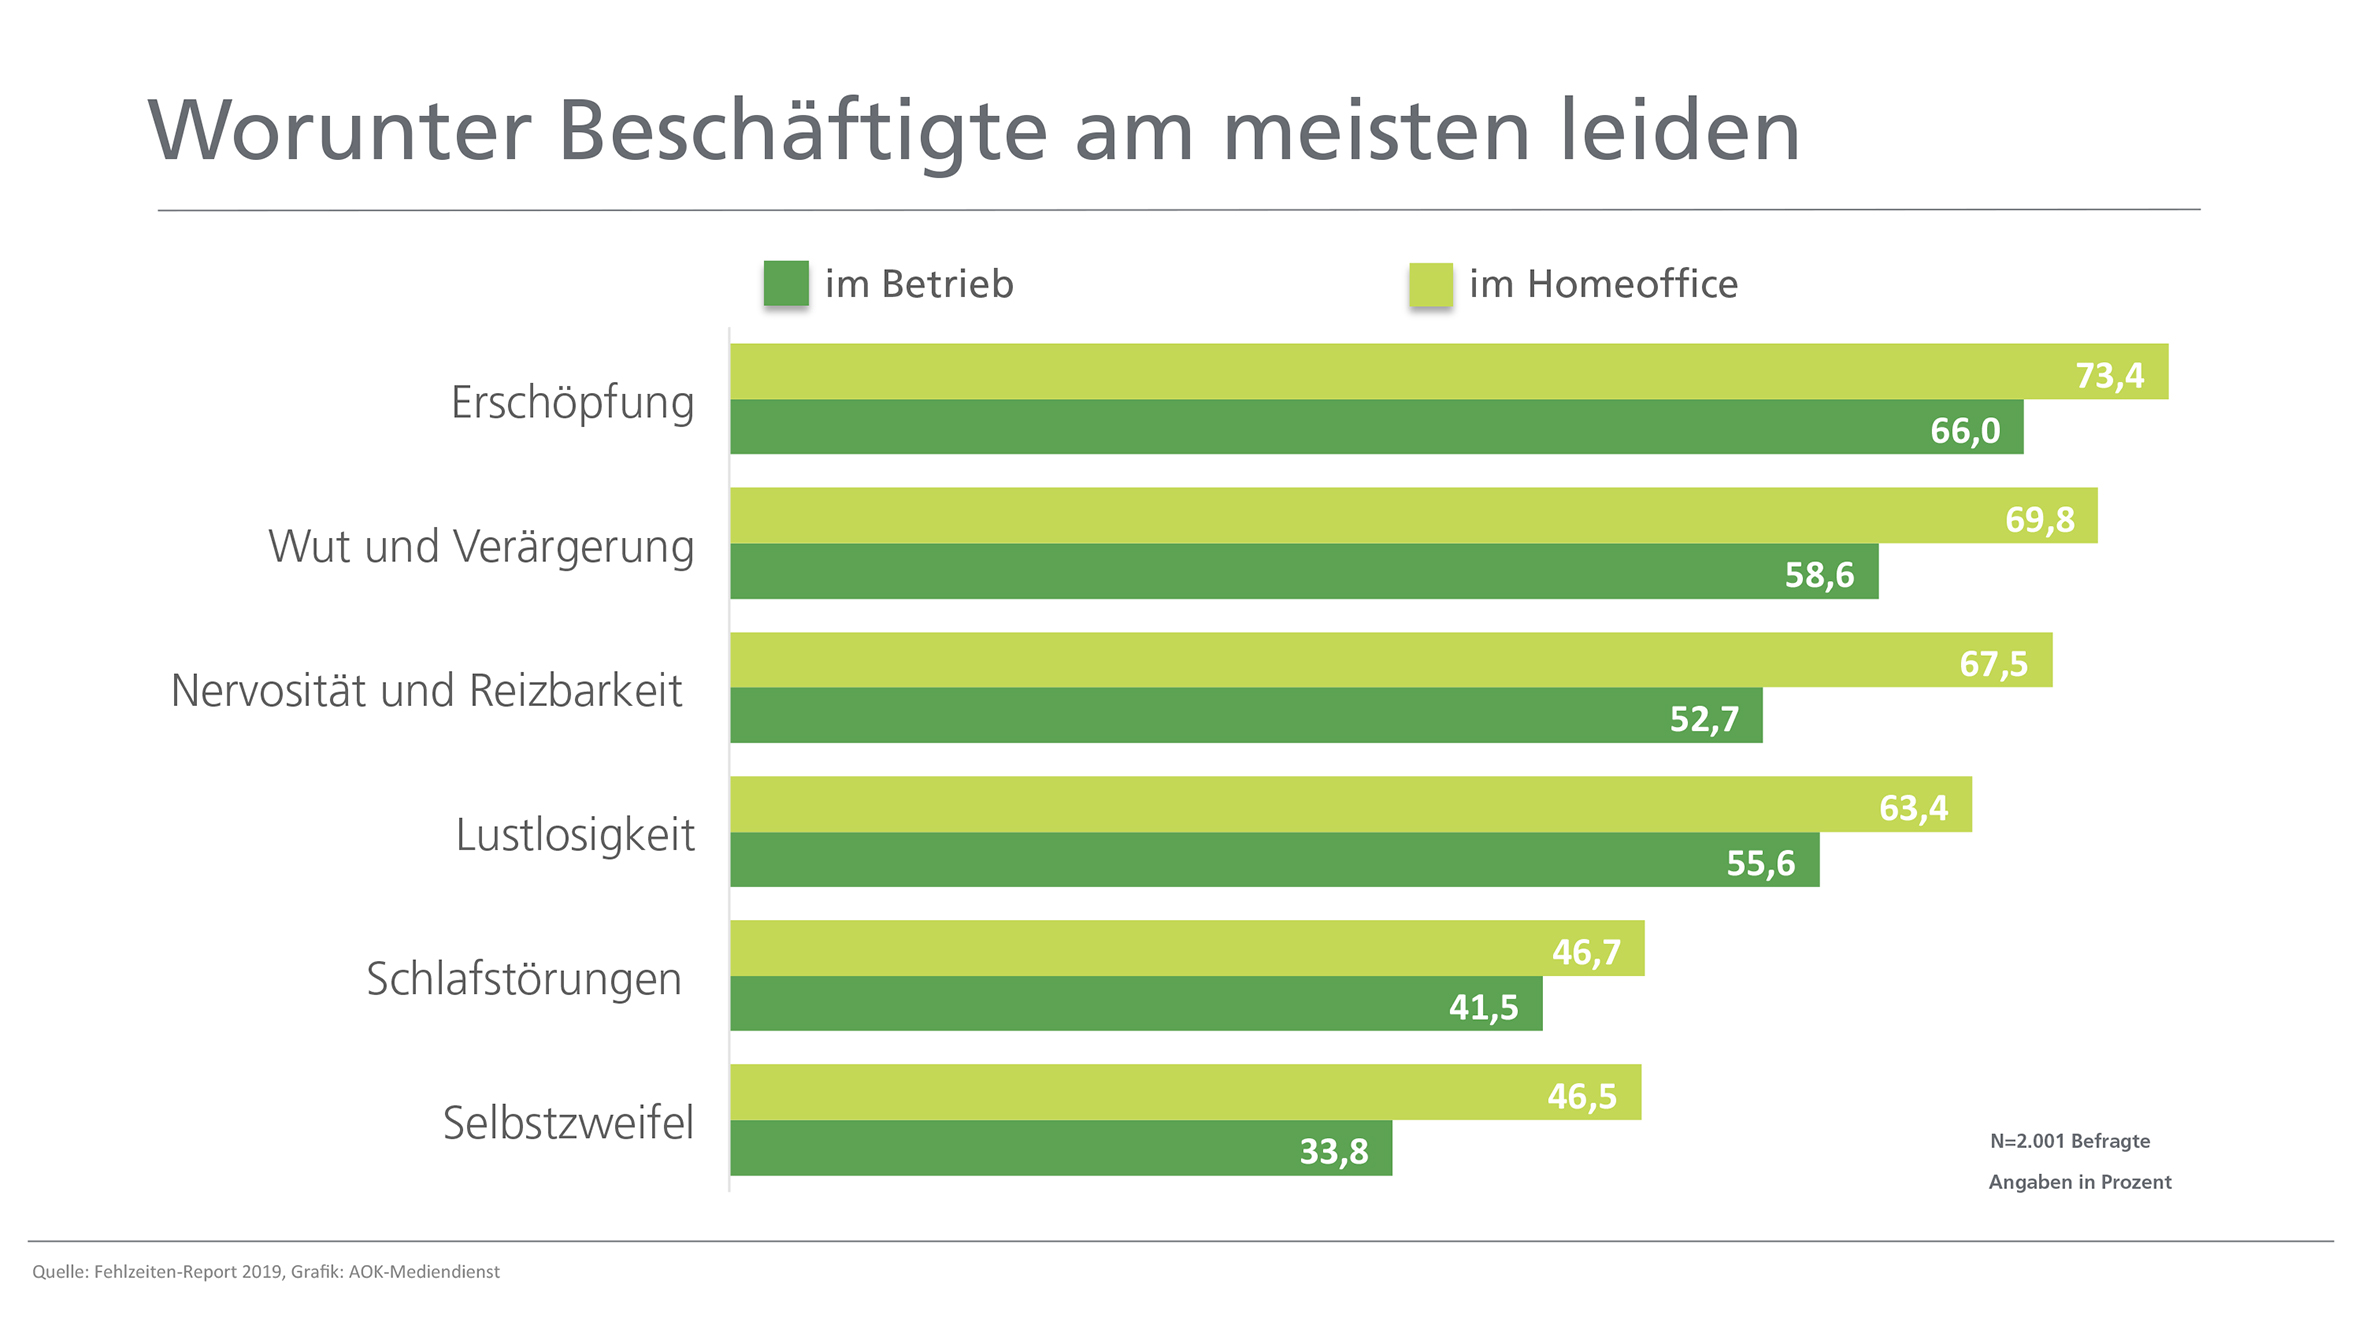 Statistik zur psychischen Belastung im Homeoffice und im Betrieb